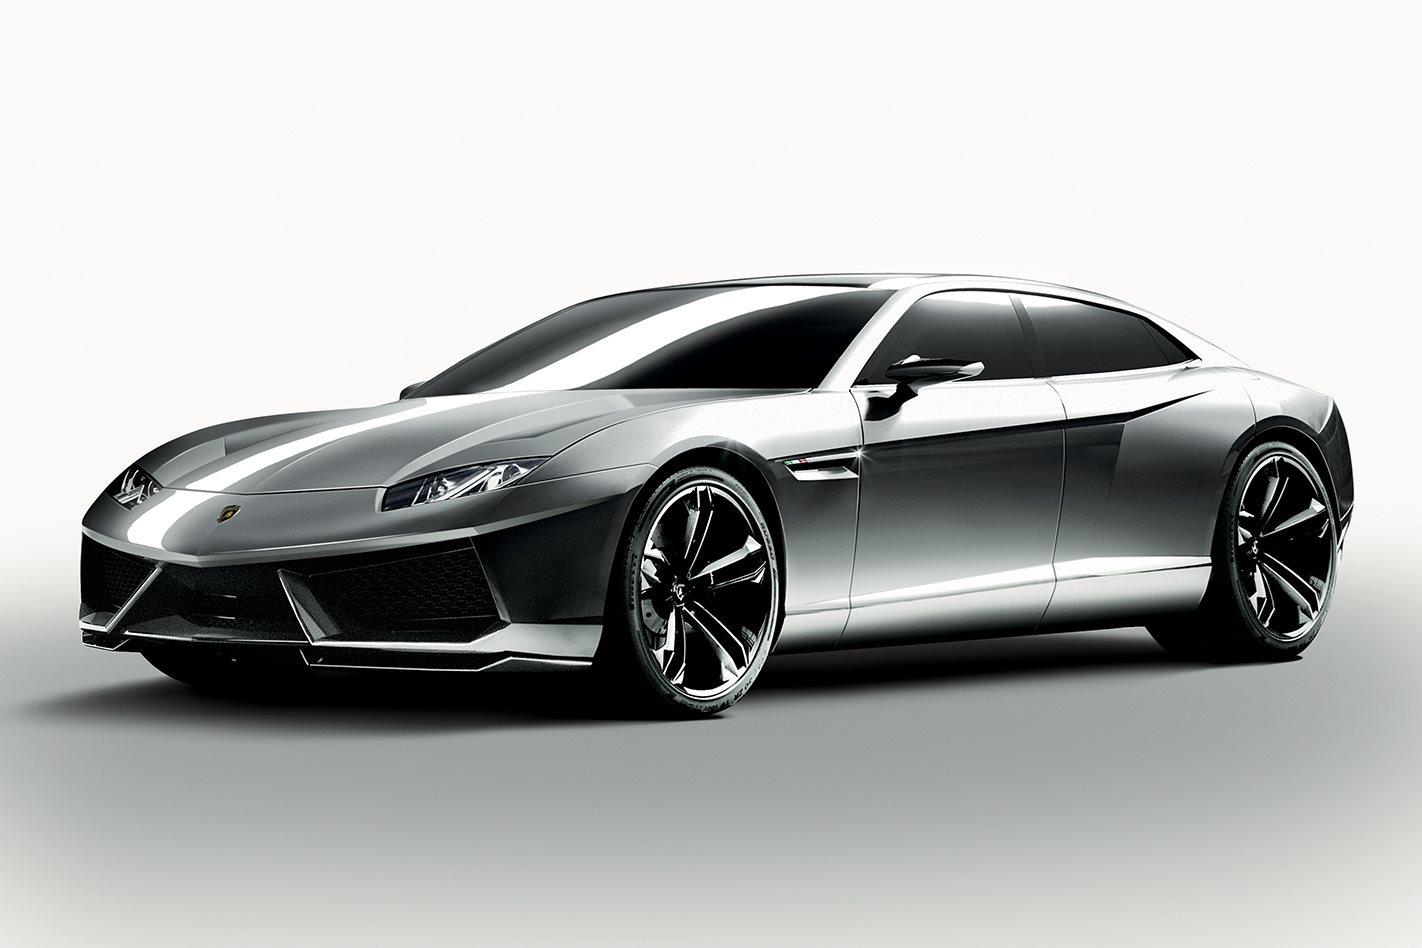 Lamborghini-Estoque-exterior.jpg